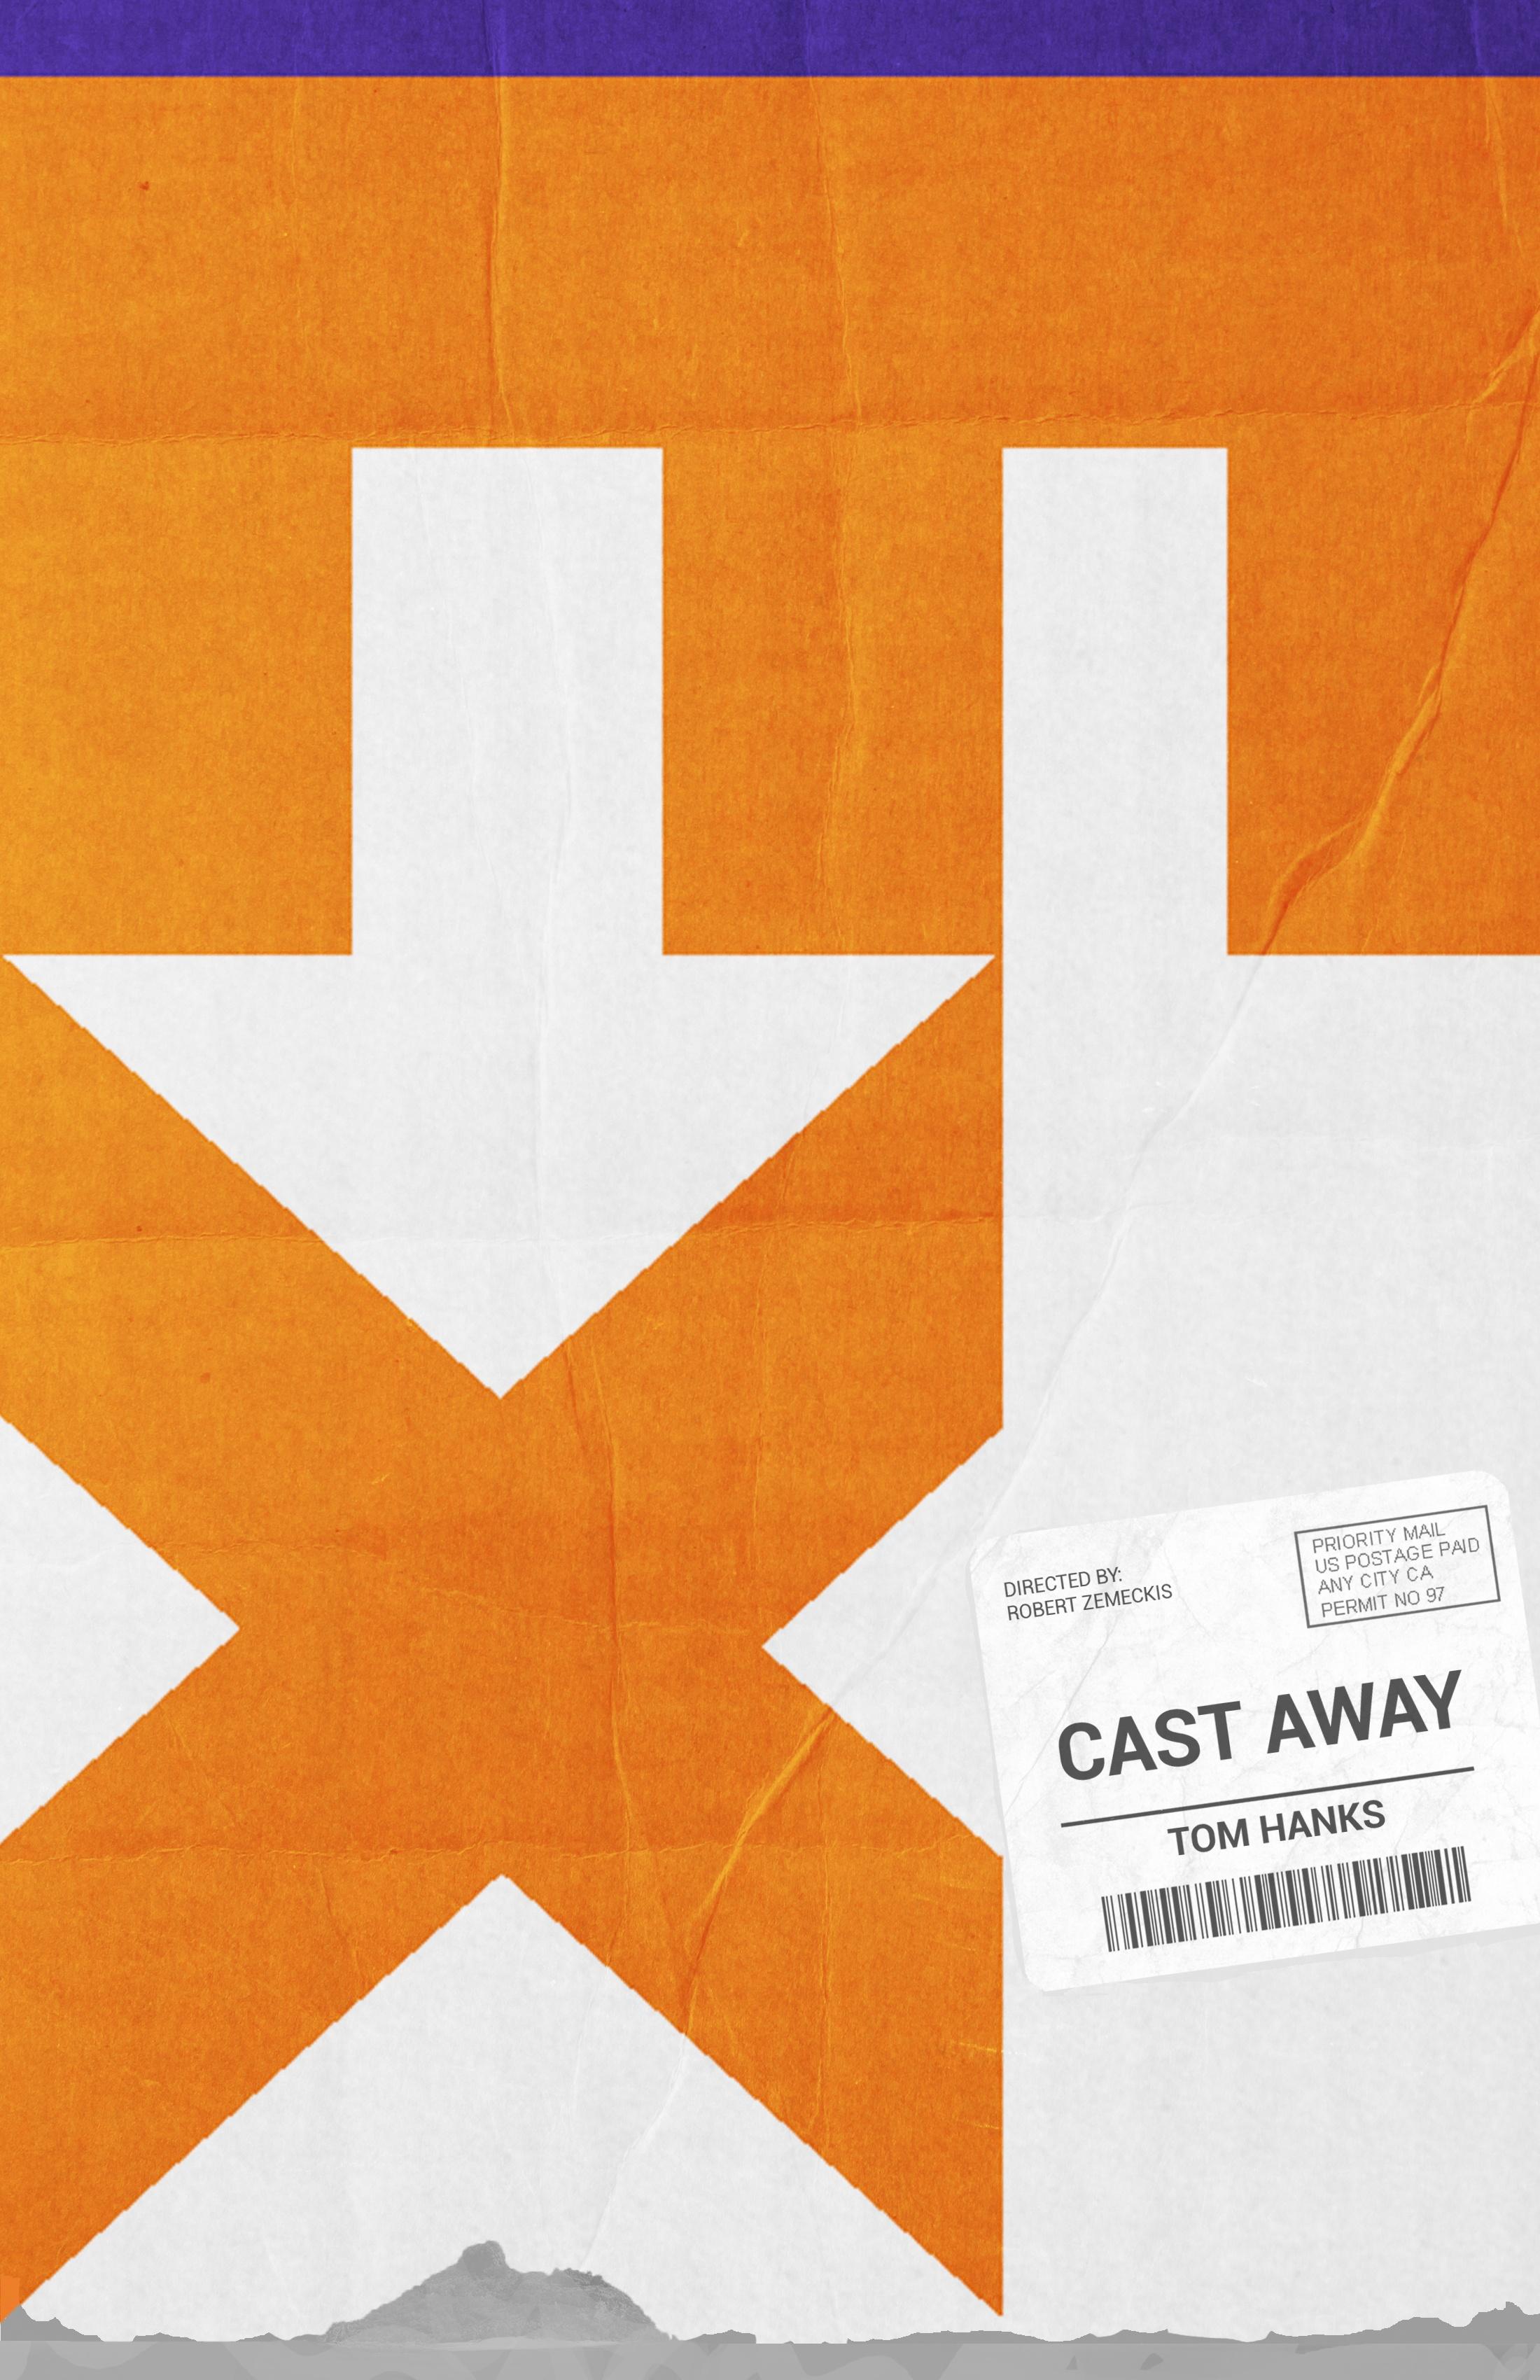 Thumbnail for FedEx Box